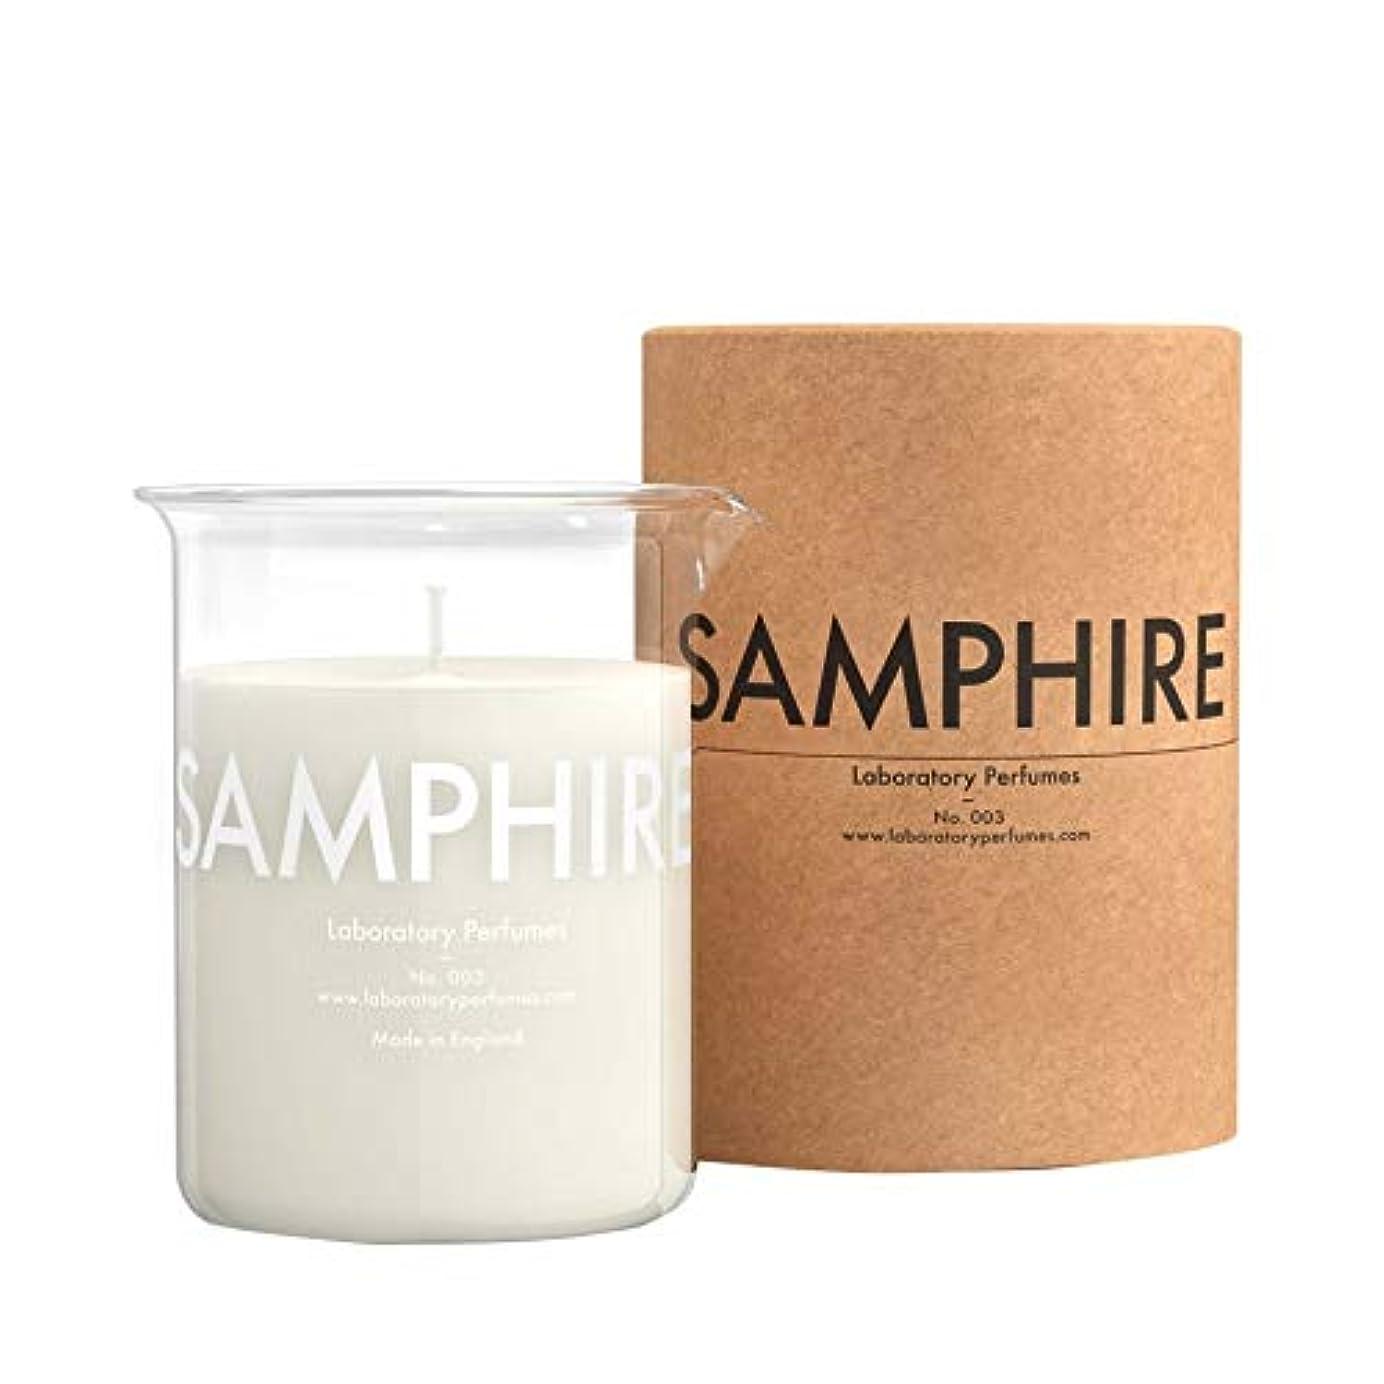 期待レーダー消毒剤[Laboratory Perfumes ] 実験室の香水なし。 033 Samphireフレグランスキャンドル - Laboratory Perfumes No. 033 Samphire Fragranced Candle...